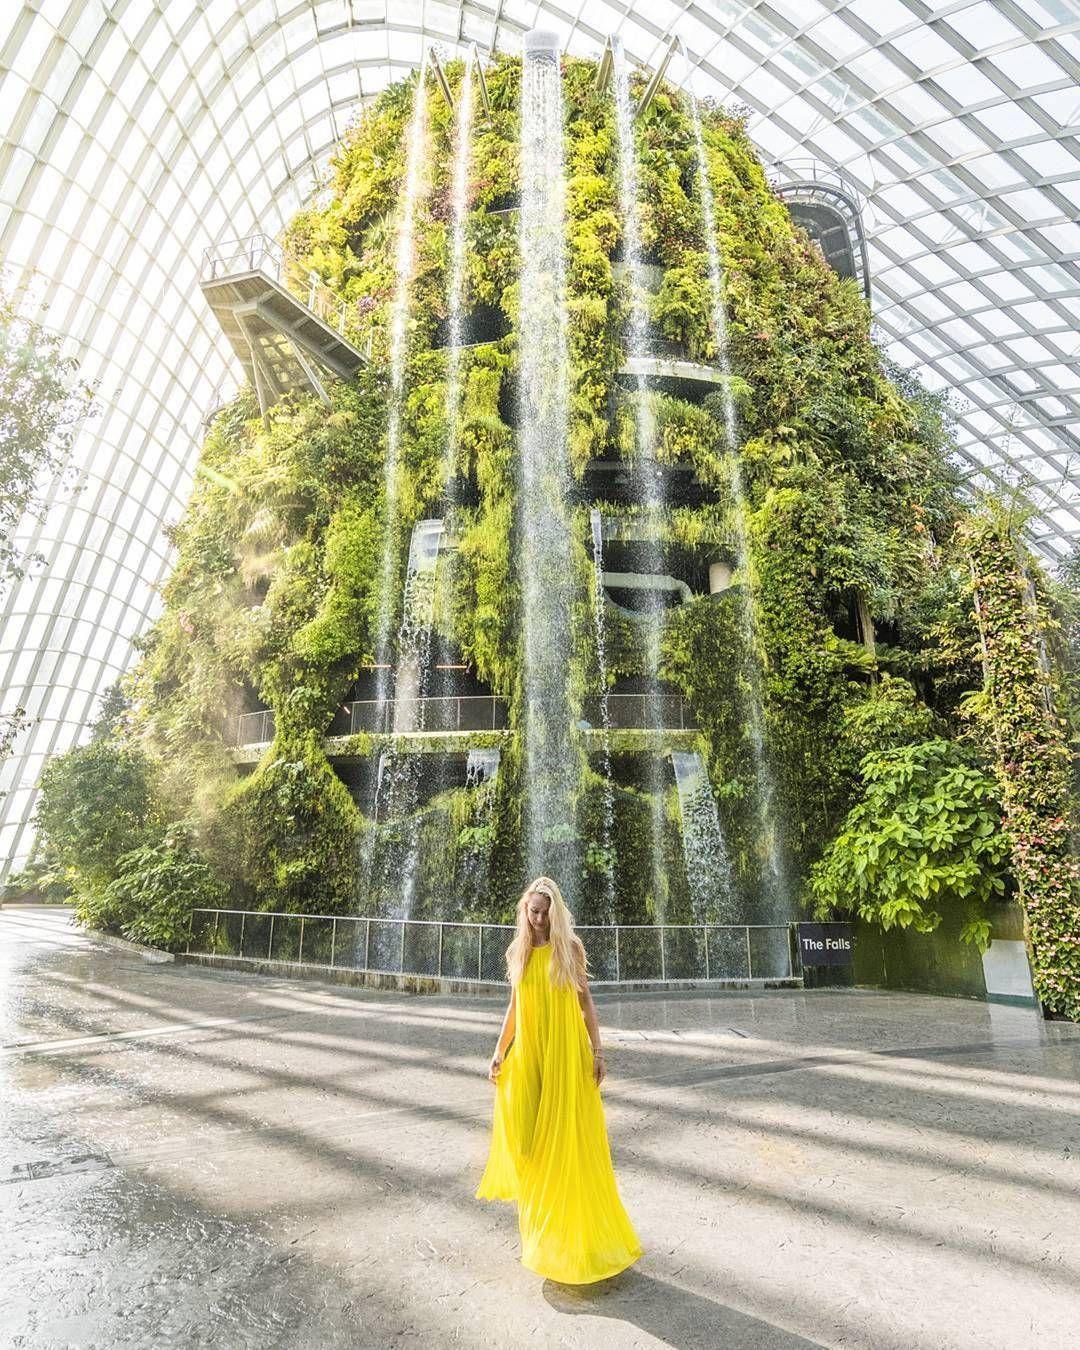 1 474 Otmetok Nravitsya 13 Kommentariev Gardens By The Bay Gardensbythebay V Instagram Sunshine Waterfalls Singapore Travel Visit Singapore Travel